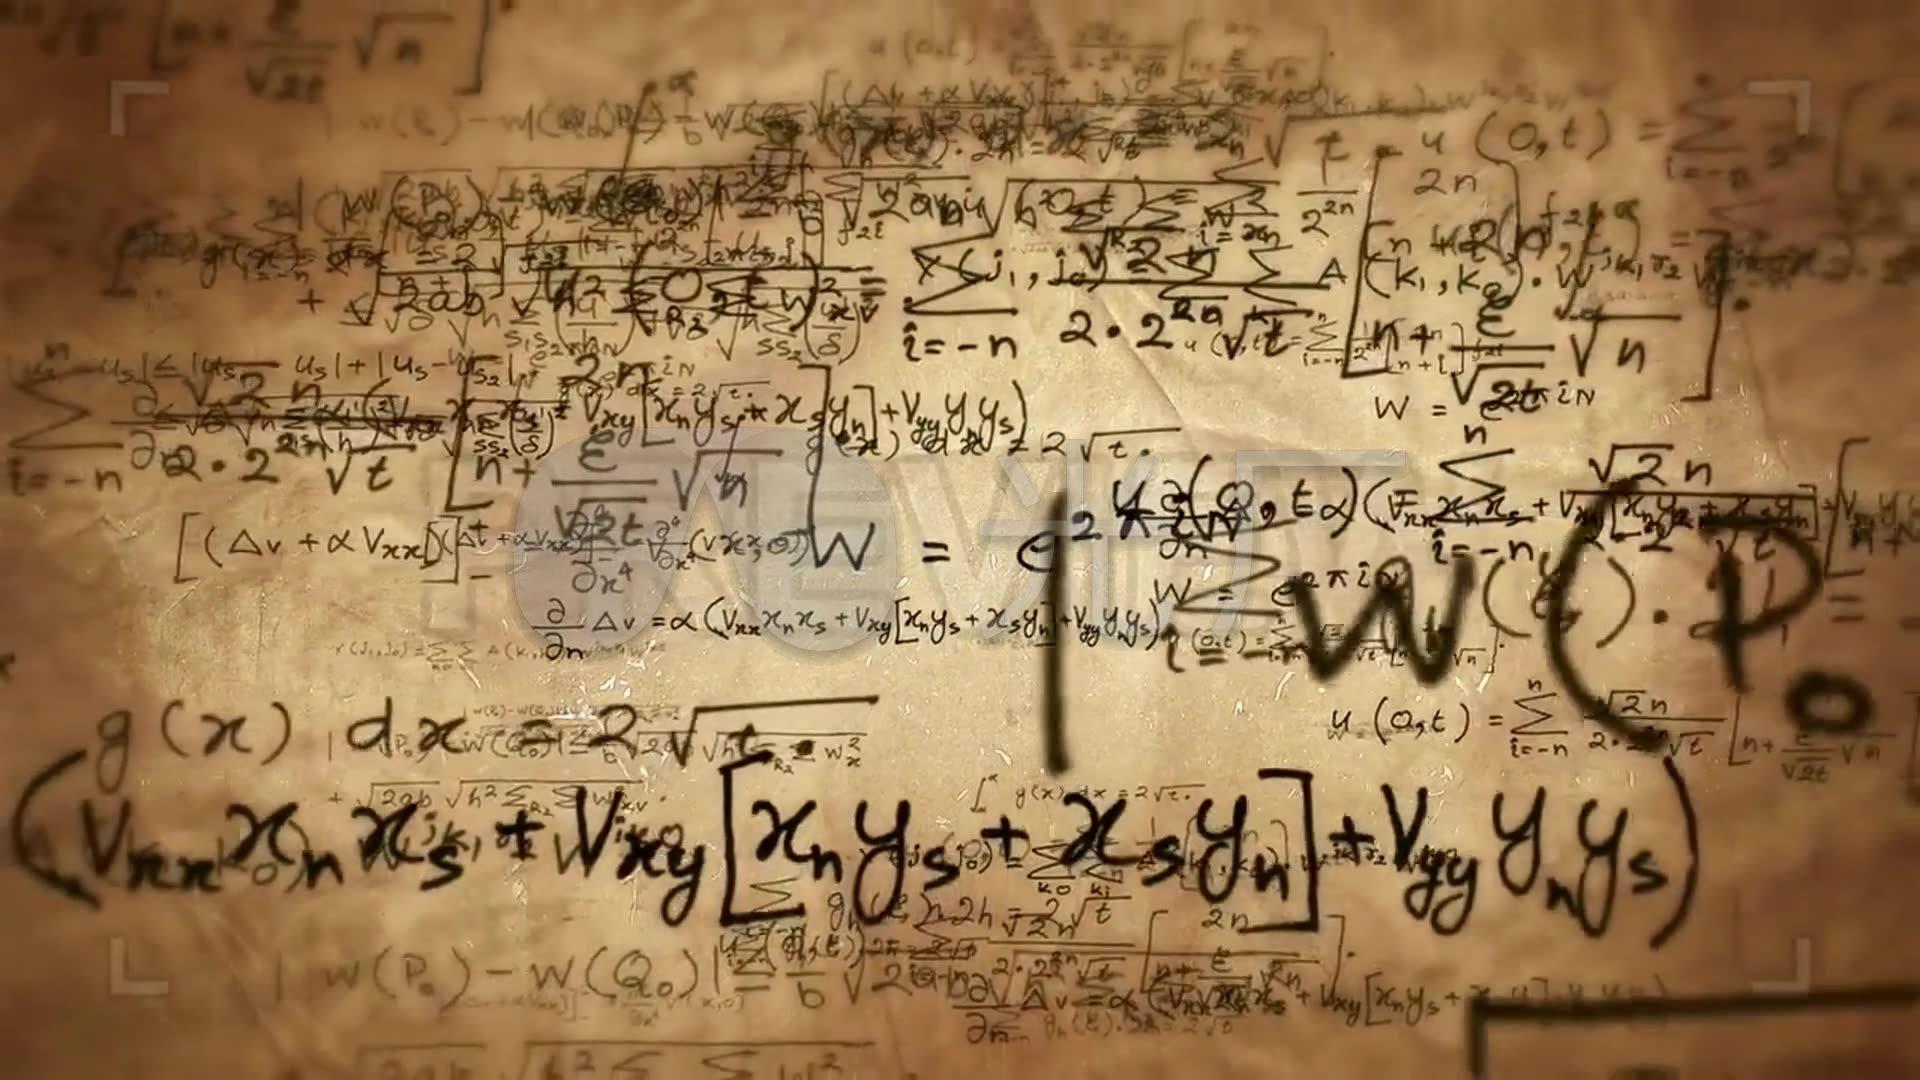 数学公式背景运动图形_1920x1080_高清视频素材下载图片